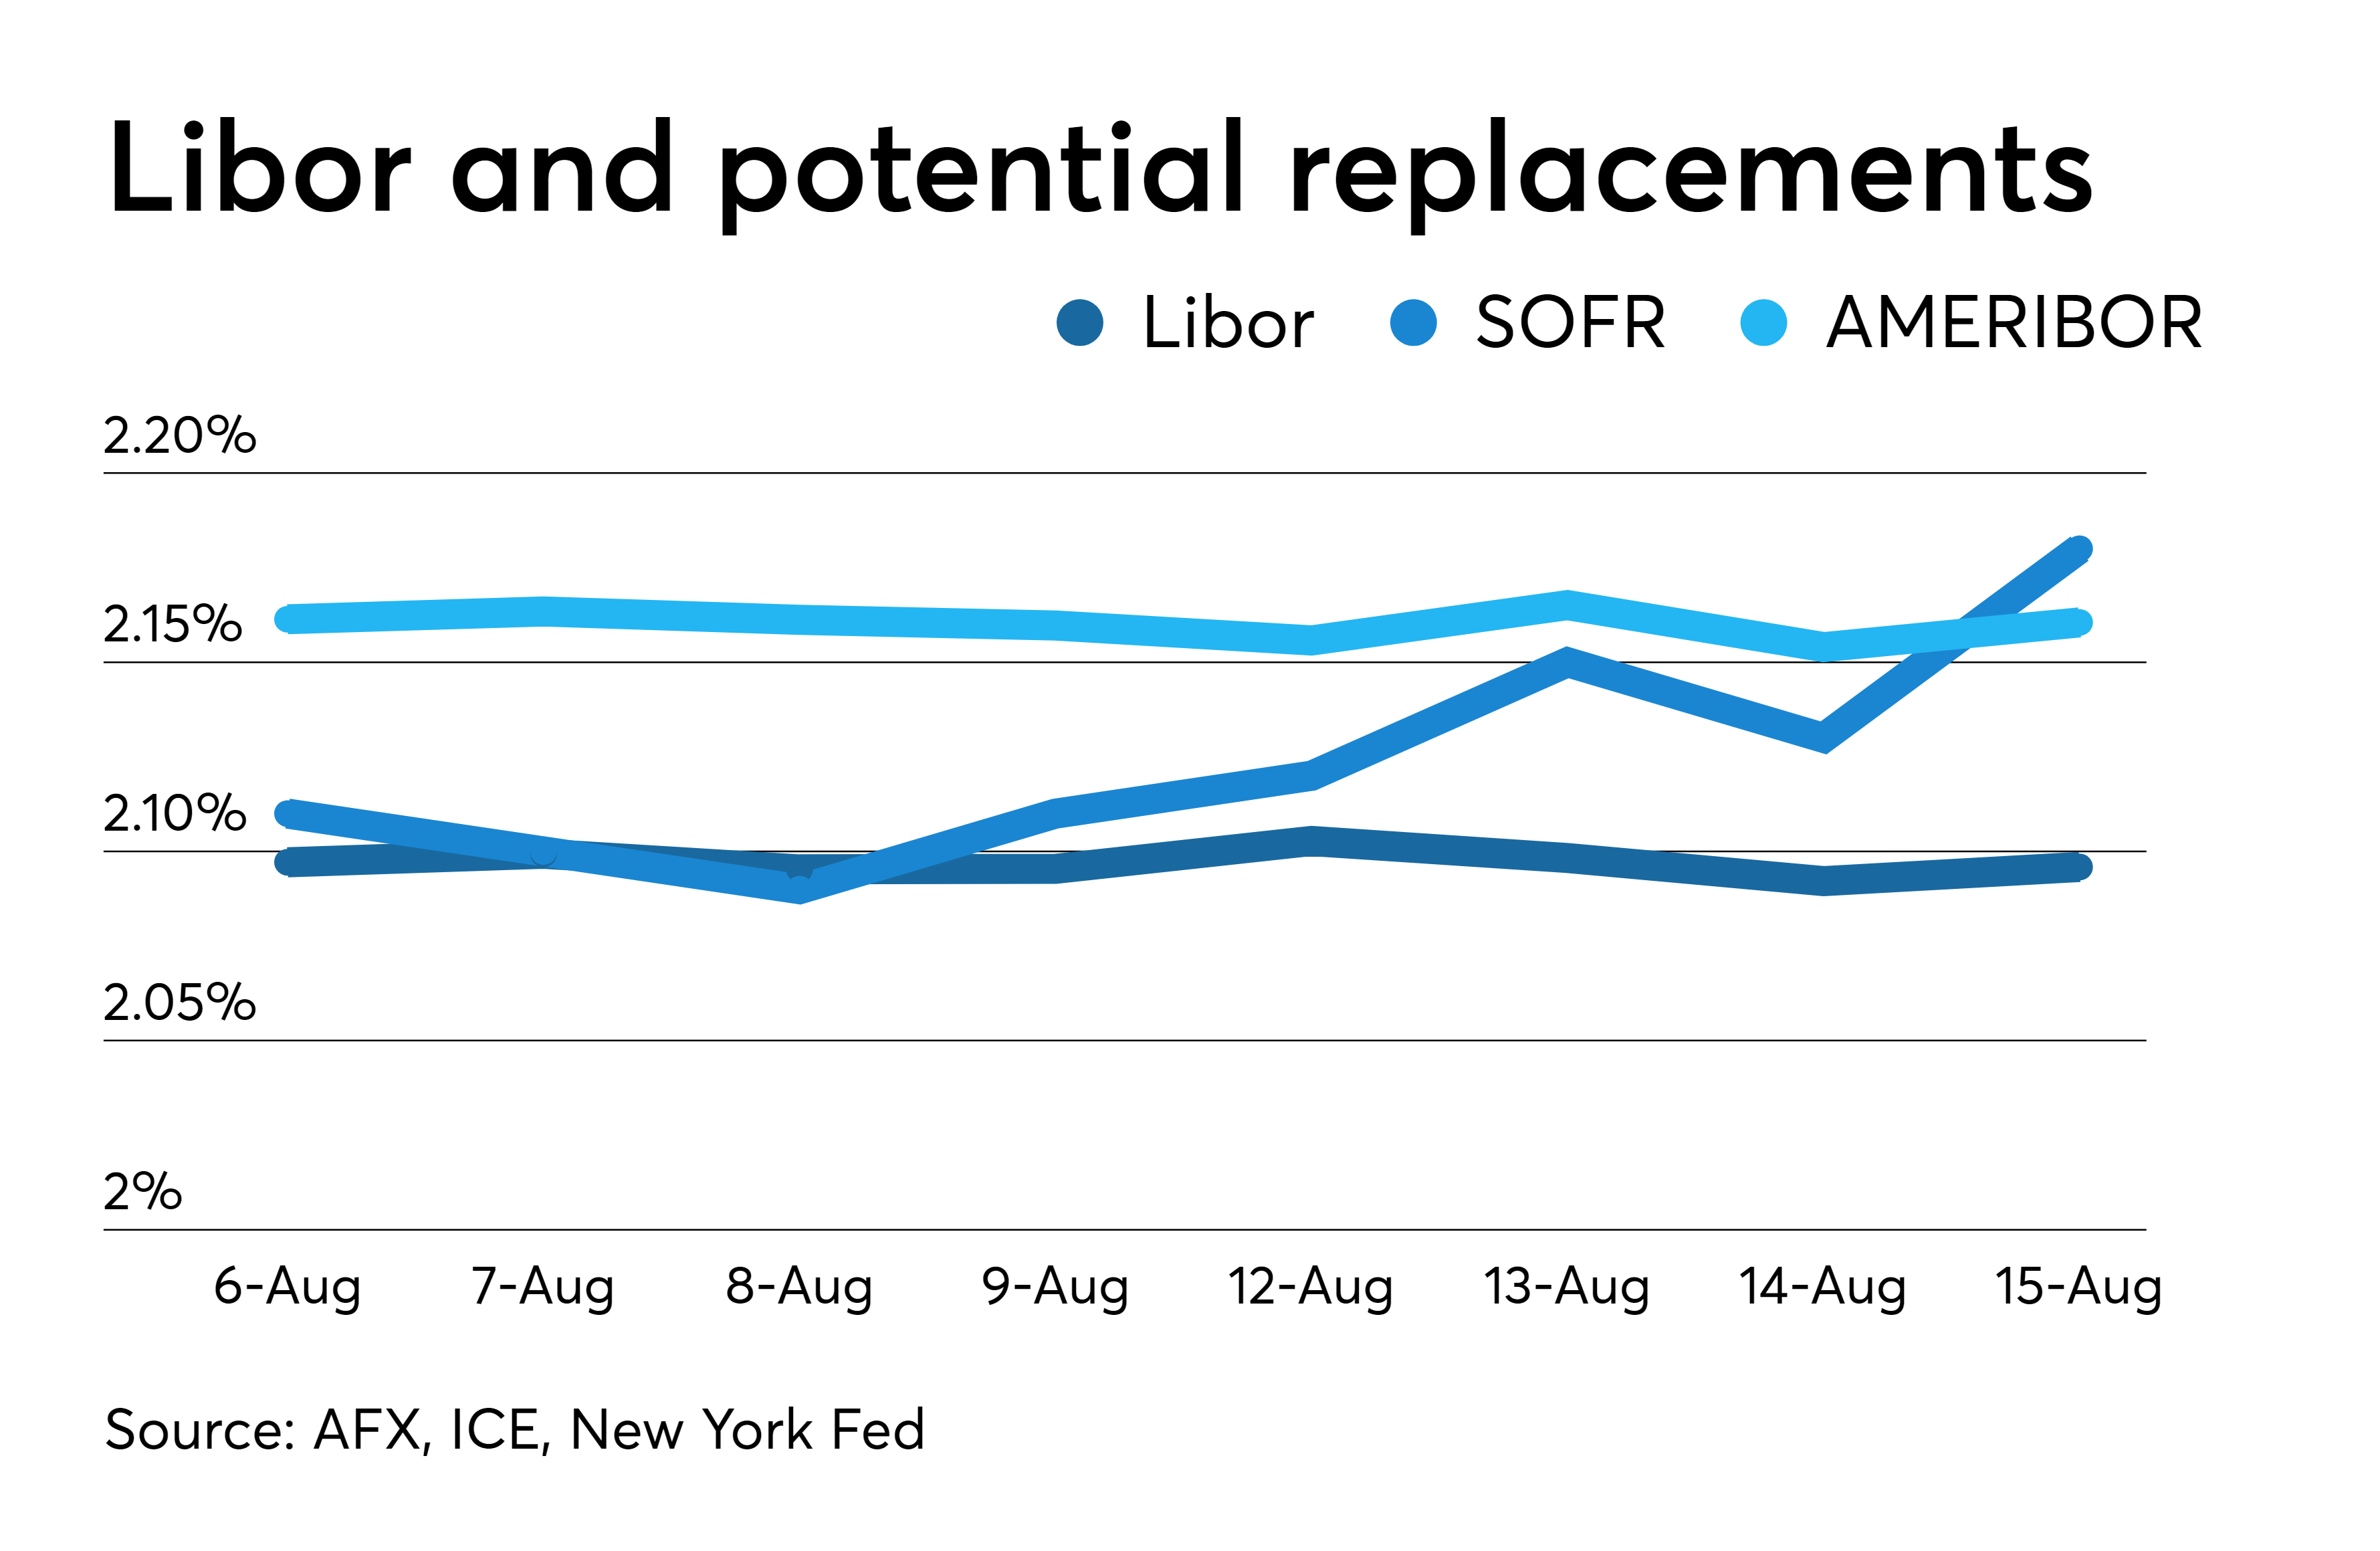 Le Libor et ses possibles remplacements en 2019 : AMERIBOR, soutenu par Ethereum, est resté un concurrent sérieux de la SOFR. Source : AFX